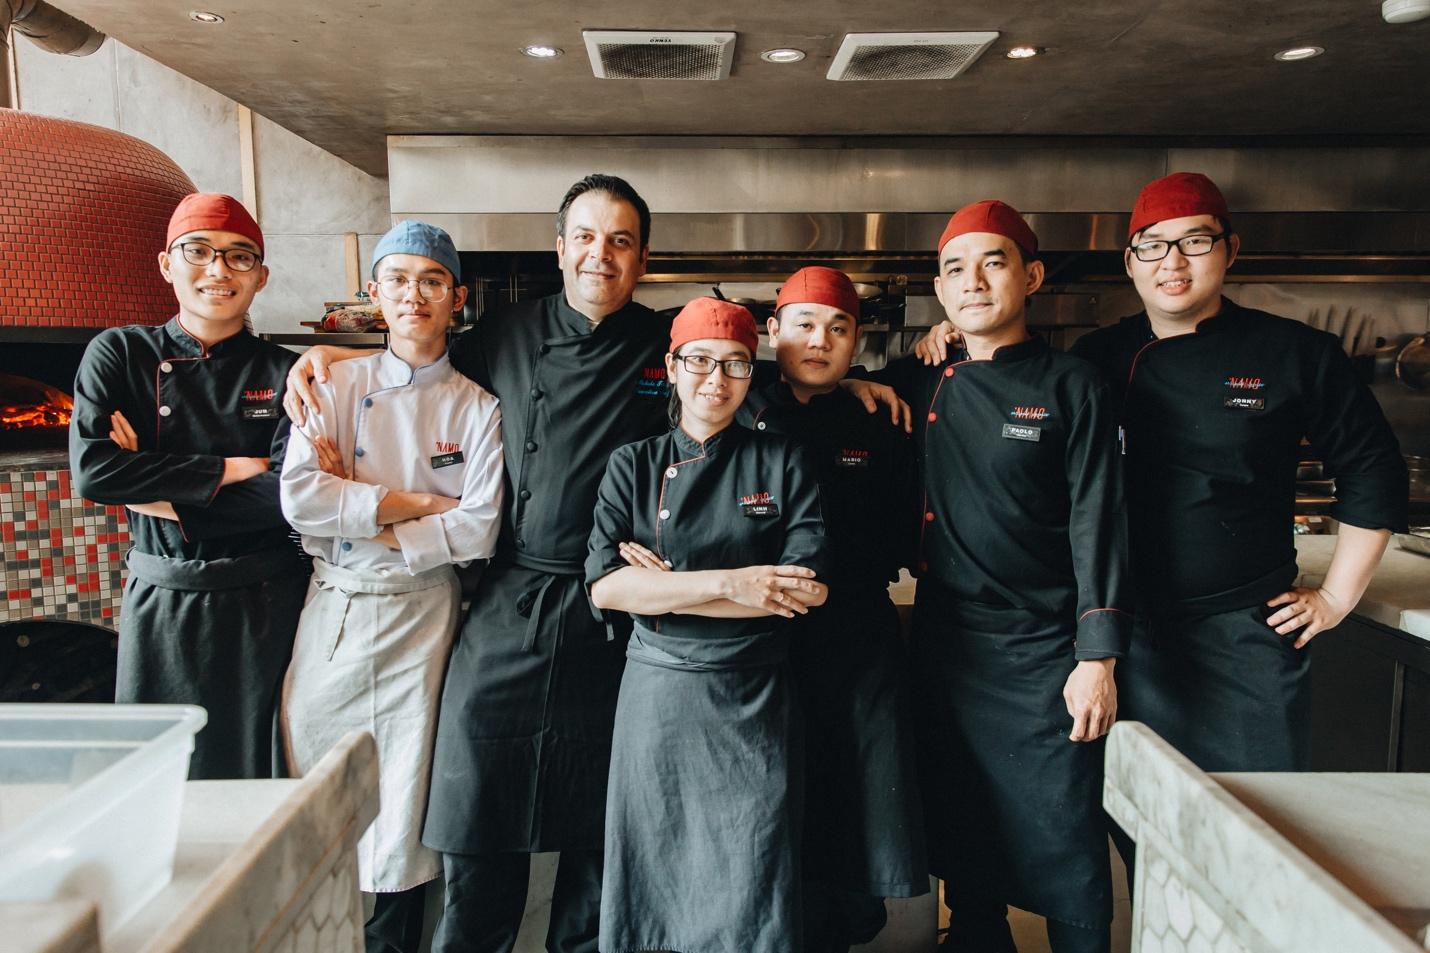 'NAMO Tuscan Grill và hành trình mang tinh hoa ẩm thực Ý tới Sài Gòn - Ảnh 3.